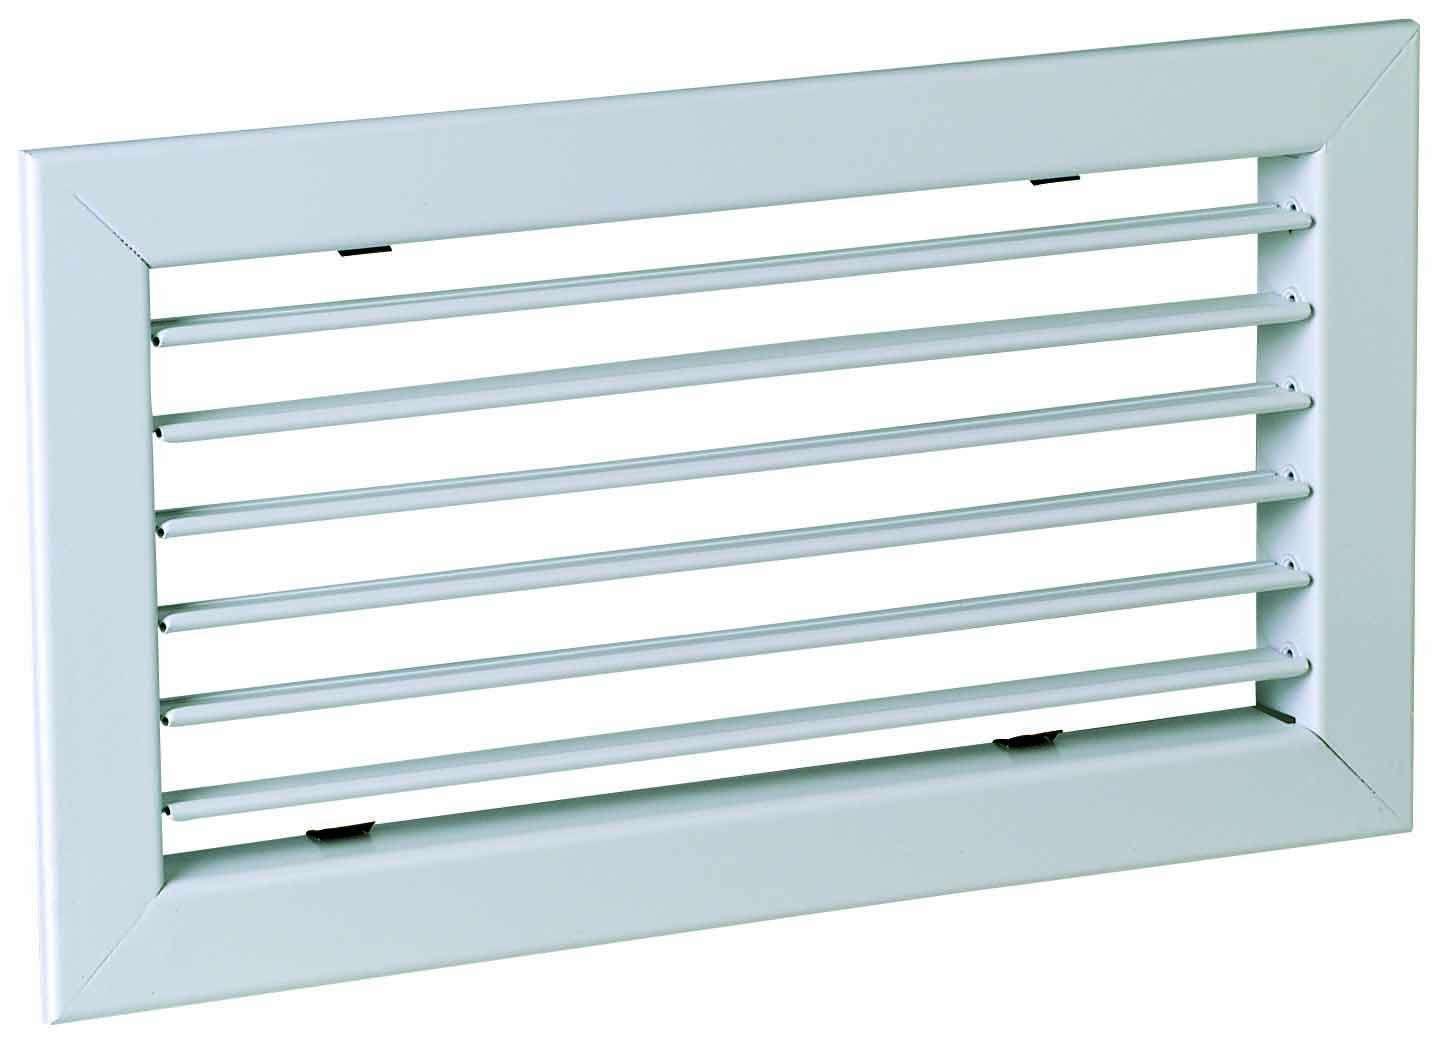 Grilles intérieures AC 102D F3 600x200 Aldes 11050589